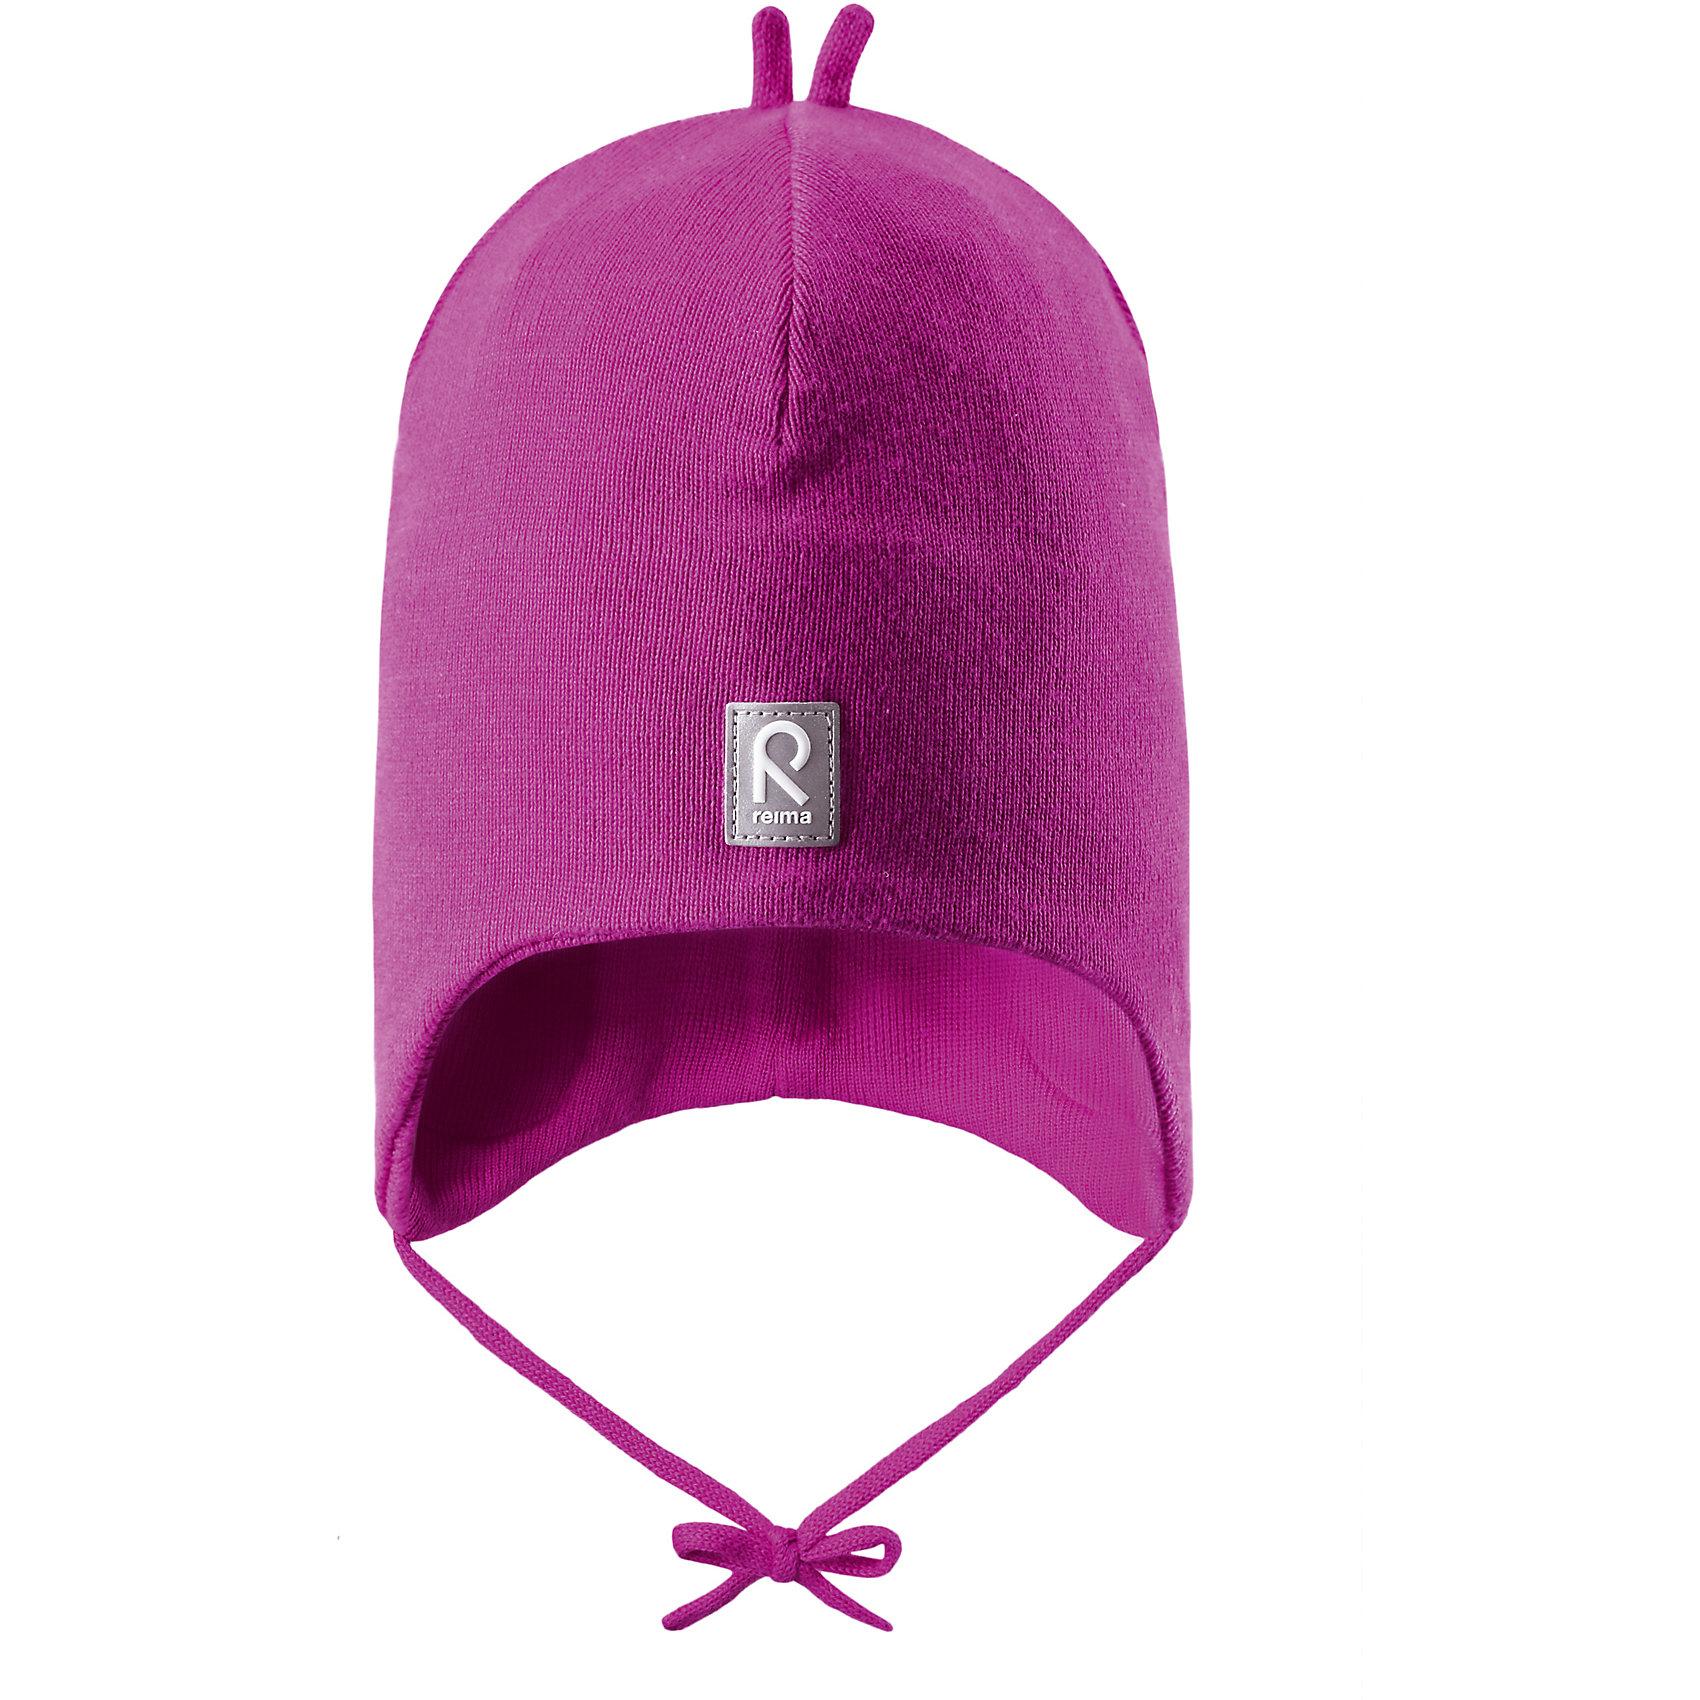 Шапка для девочки ReimaШапки и шарфы<br>Эта вязанная хлопчатобумажная шапочка для малышей подходит на все случаи жизни. Классический дизайн позволяет удачно сочетать ее с различными вариантами одежды. Подкладка на половину головы из хлопчатобумажного трикотажа гарантирует тепло, а ветронепроницаемые вставки между верхним слоем и подкладкой защищают уши. Светоотражающие детали тоже добавят немного безопасности.<br><br>Дополнительная информация:<br><br>Шапка «Бини» для малышей<br>Эластичная хлопчатобумажная ткань<br>Ветронепроницаемые вставки в области ушей<br>Частичная подкладка: хлопчатобумажная ткань<br>Светоотражающий элемент спереди<br>Состав:<br>100% хлопок<br>Уход:<br>Стирать по отдельности, вывернув наизнанку. Придать первоначальную форму вo влажном виде. Возможна усадка 5 %.<br><br>Ширина мм: 89<br>Глубина мм: 117<br>Высота мм: 44<br>Вес г: 155<br>Цвет: розовый<br>Возраст от месяцев: 9<br>Возраст до месяцев: 12<br>Пол: Женский<br>Возраст: Детский<br>Размер: 52,46,50,48<br>SKU: 4496935